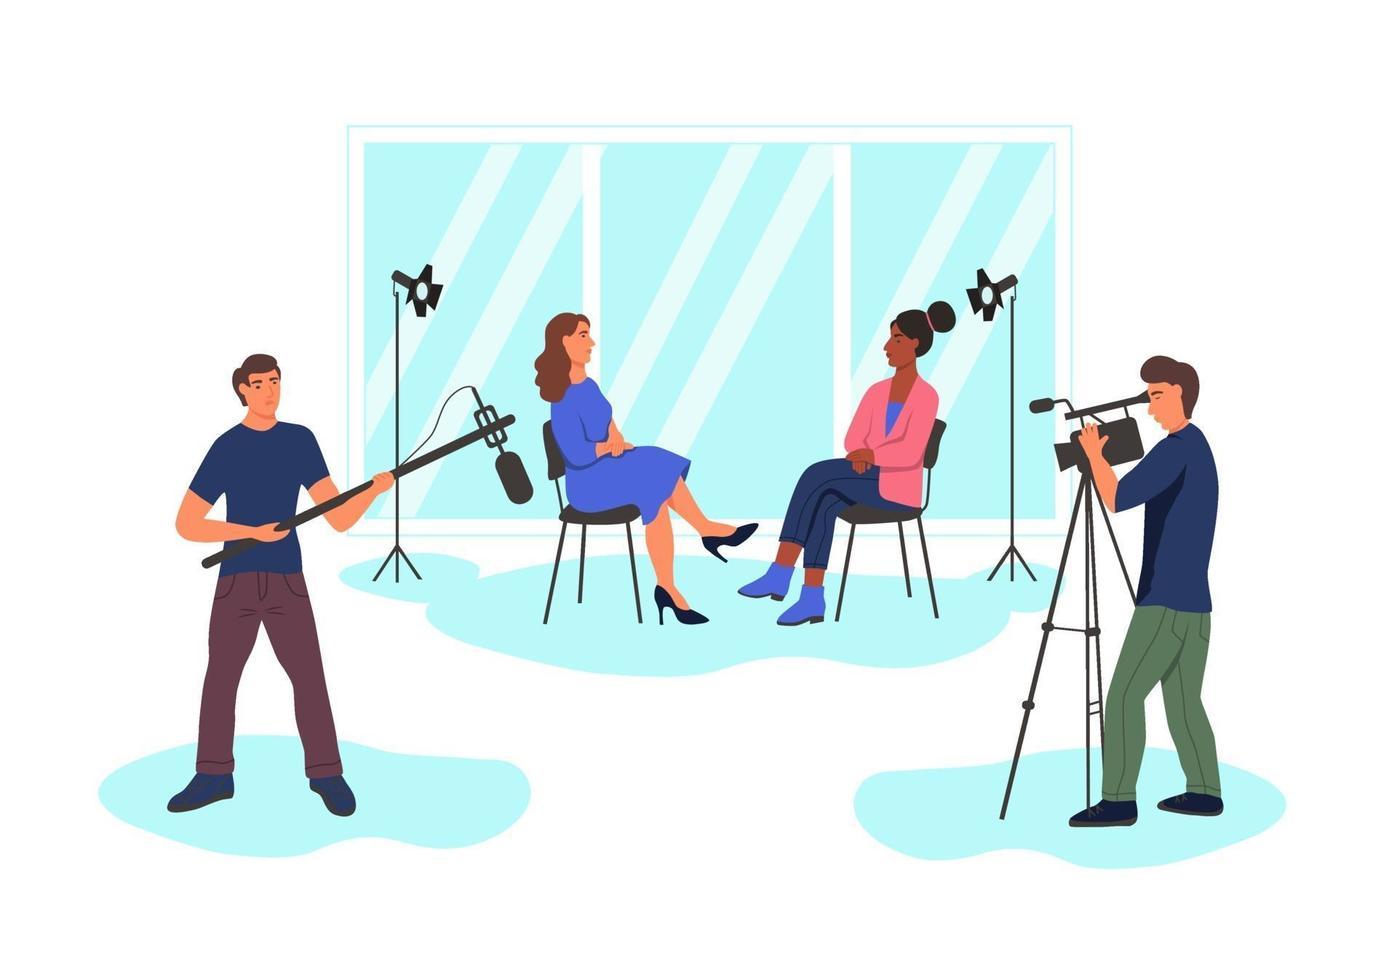 gravando uma entrevista jornalística no estúdio vetor